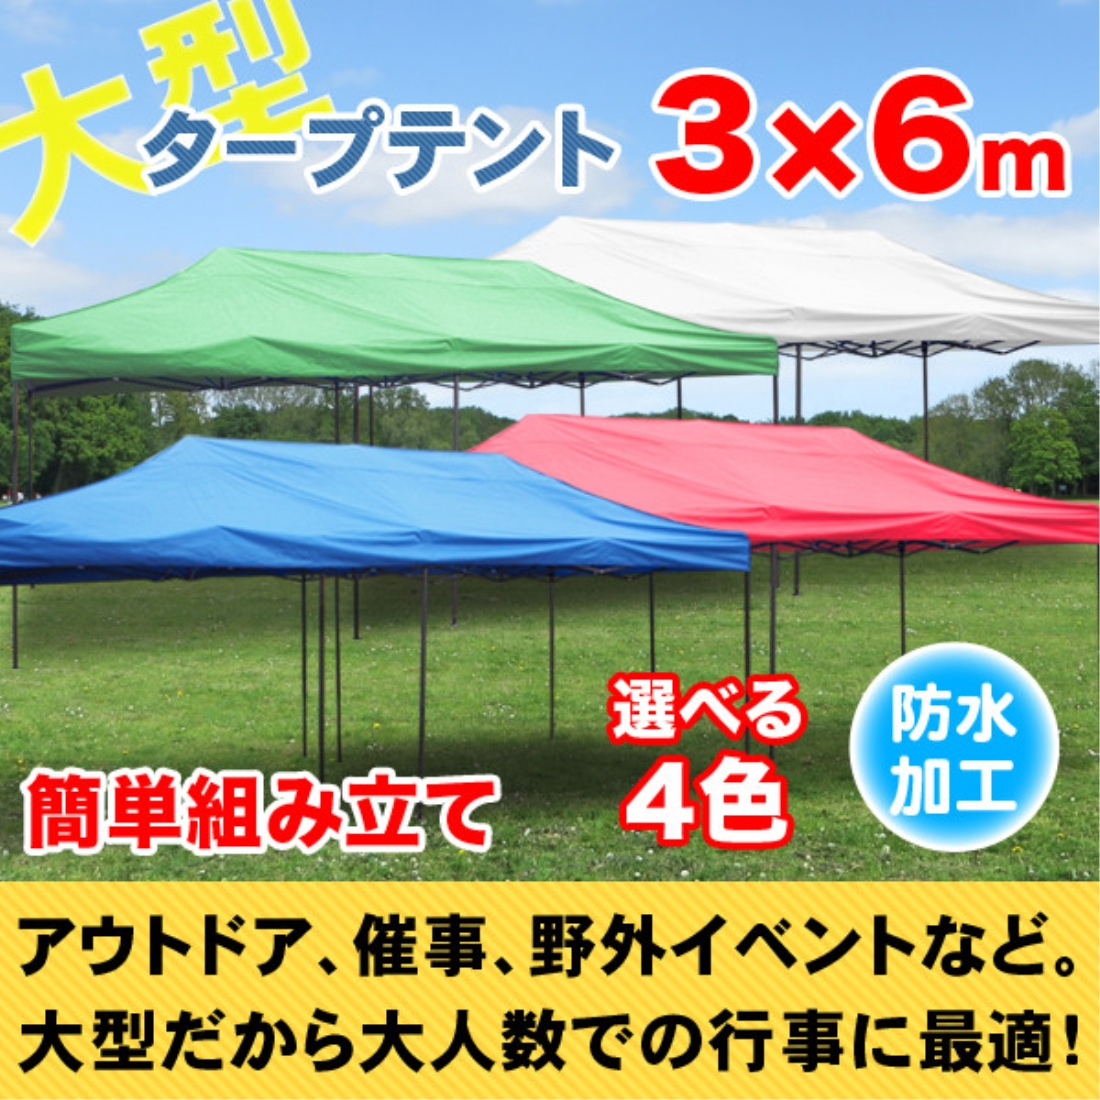 タープテント3X6m 【赤】タープ テント アウトドア 野外 日陰 キャンプ バーベキュー